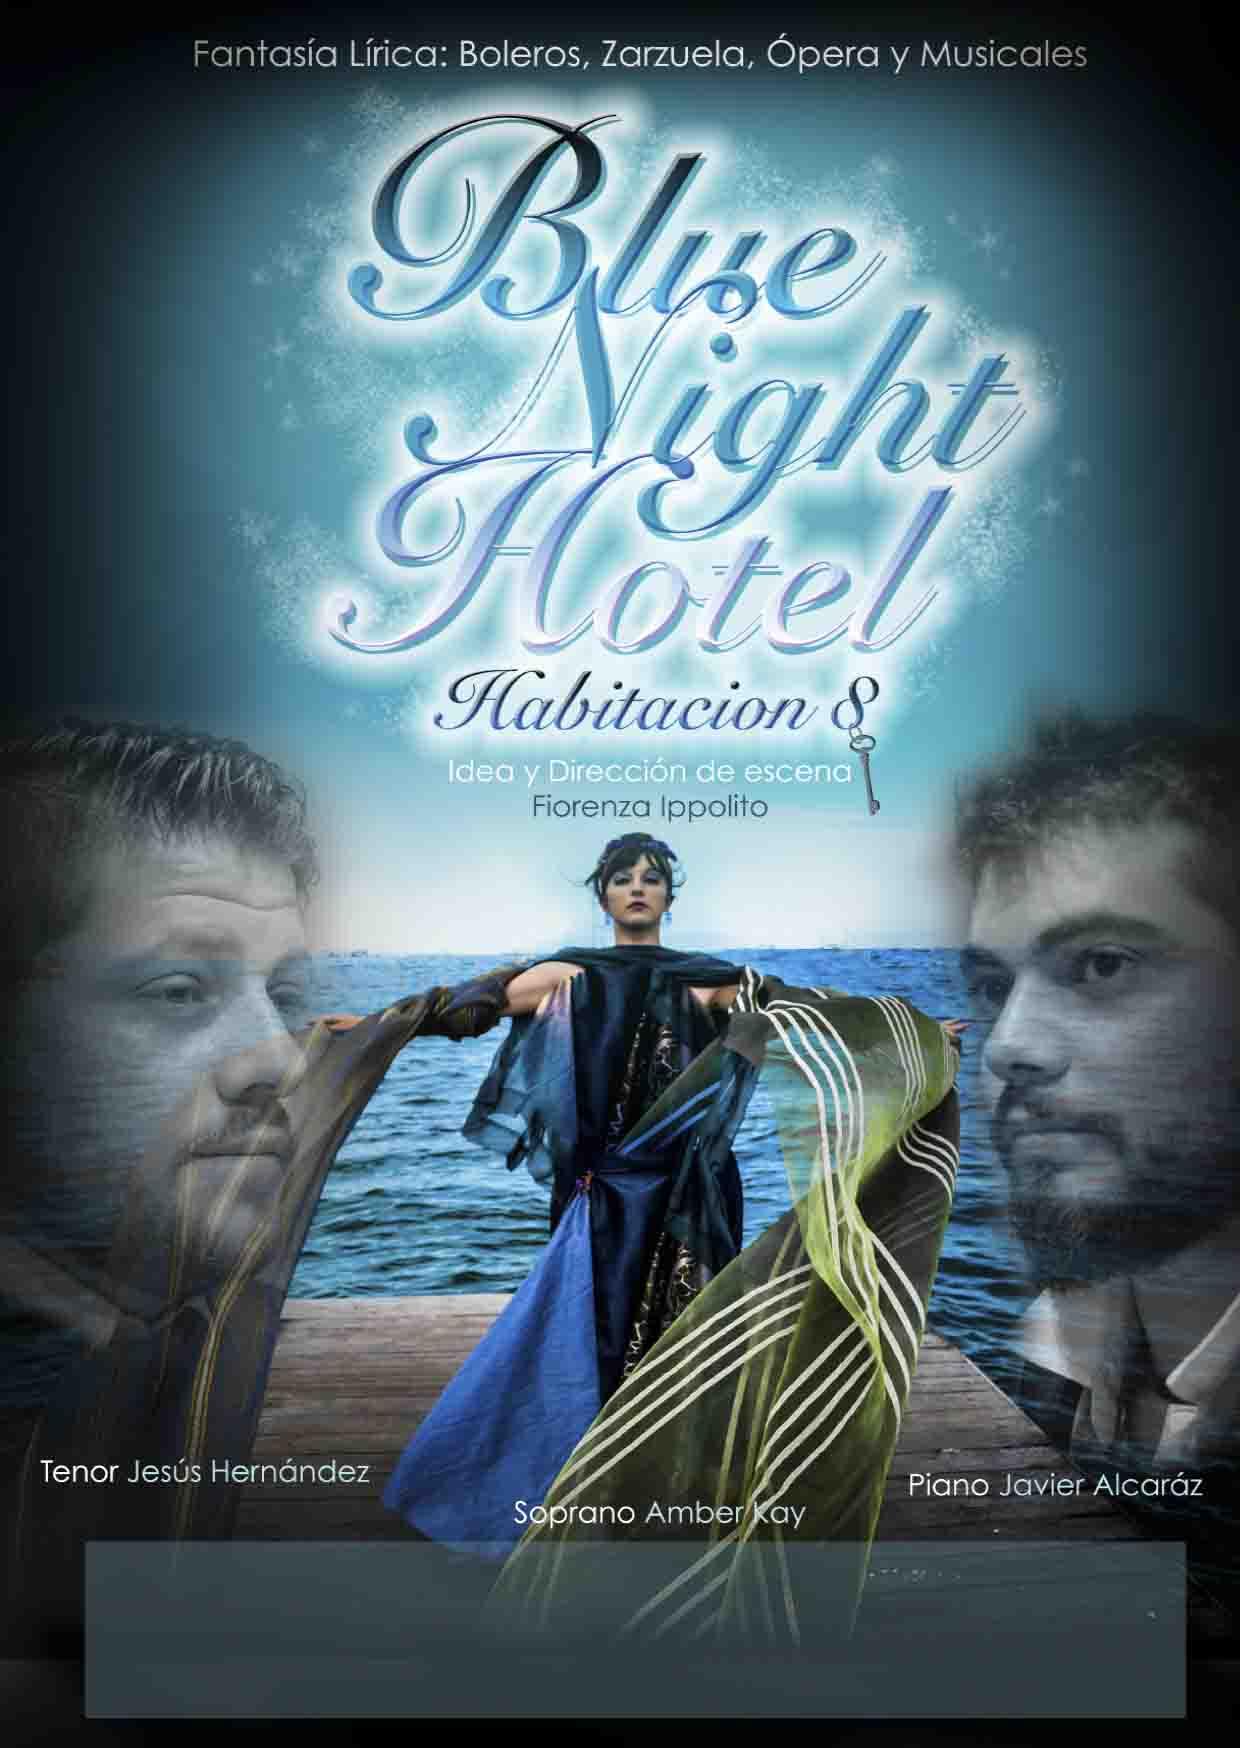 Blue Night Hotel Habitacion 8